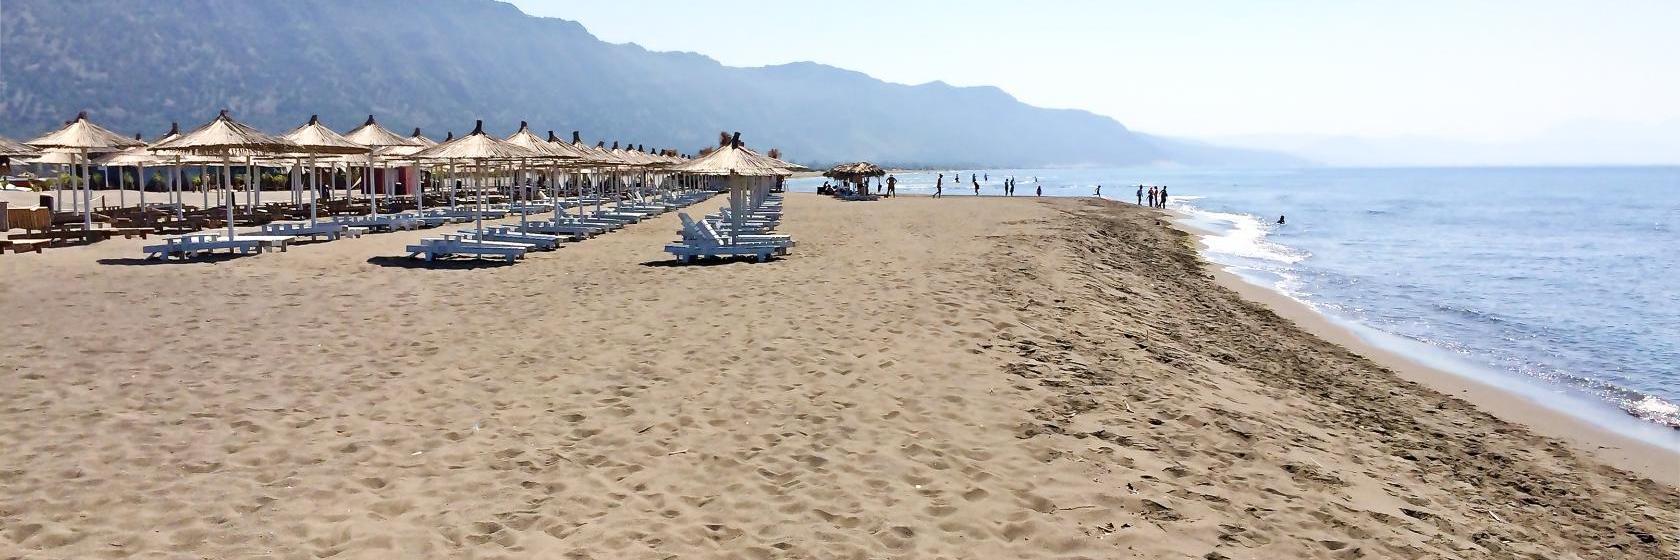 10 Best Velipojë Hotels, Albania (From $17)